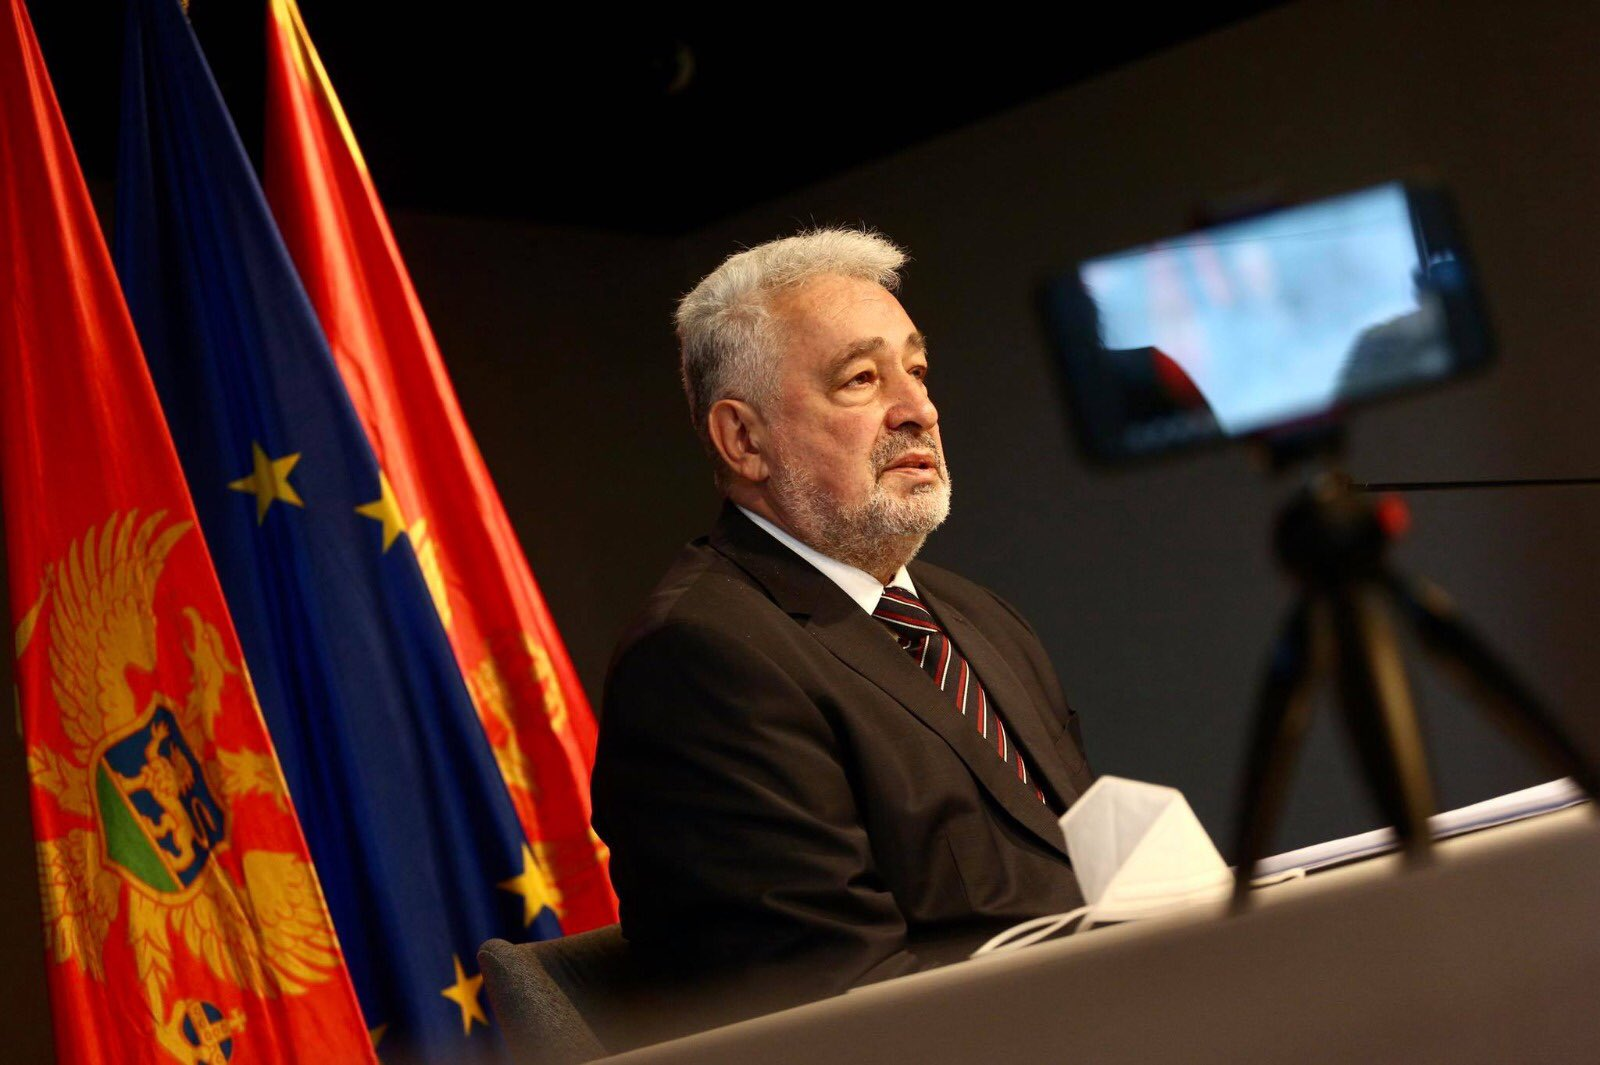 Μαυροβούνιο: Ο πρωθυπουργός ζητά την απομάκρυνση του Υπουργού Δικαιοσύνης μετά τις δηλώσεις για τη Γενοκτονία της Σρεμπρένιτσα